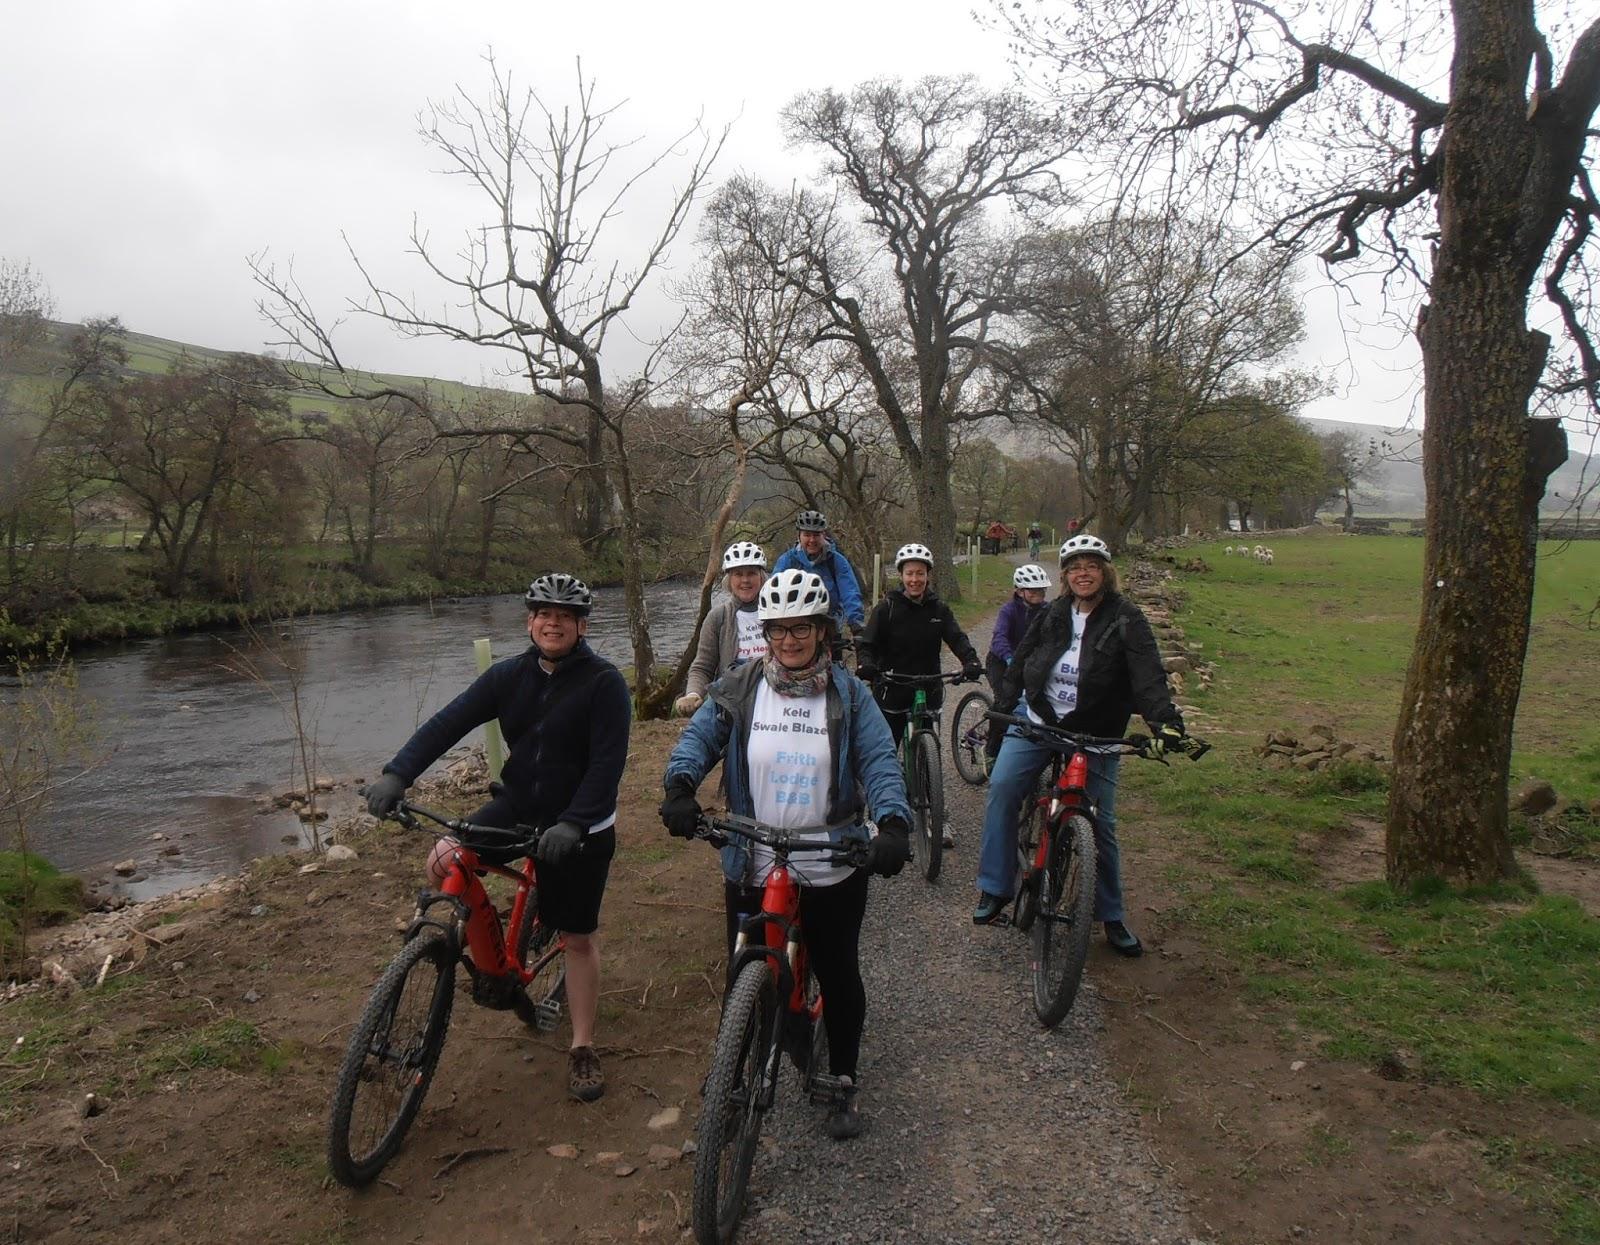 Pry House Farm www upperswaledaleholidays co uk: Swale Trail